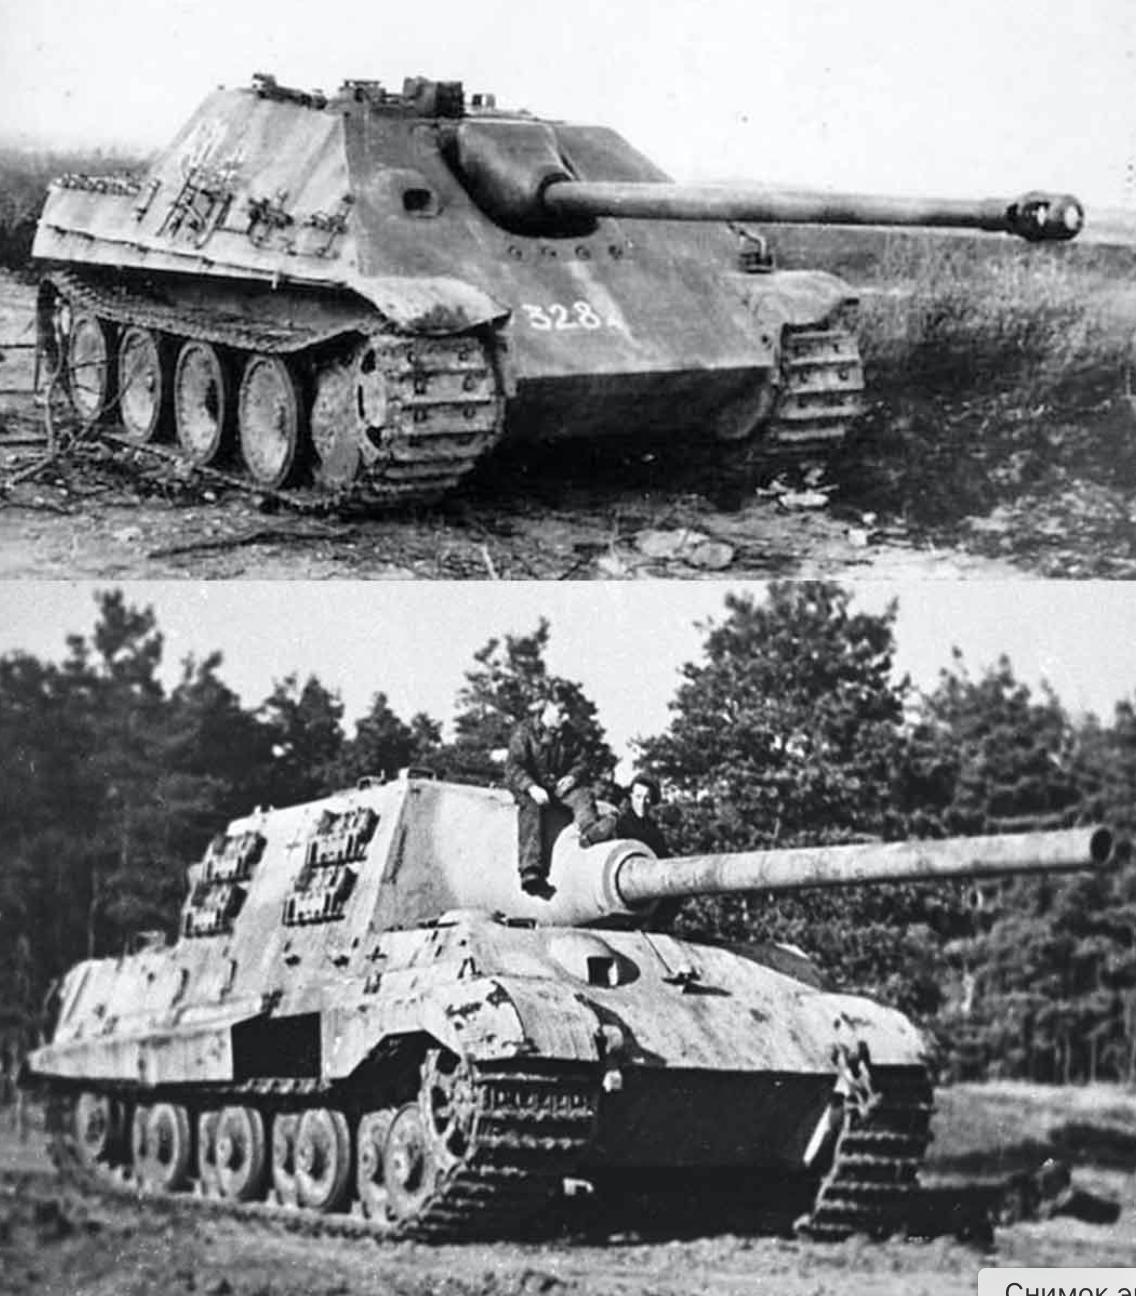 """Немачка јуришна самохотка (ловац на тенкове) Sd.Kfz. 173 Panzerjäger V """"Јагдпантер"""" и тешка самохотка Panzerjäger Tiger Ausf. B """"Јагдтигар"""""""